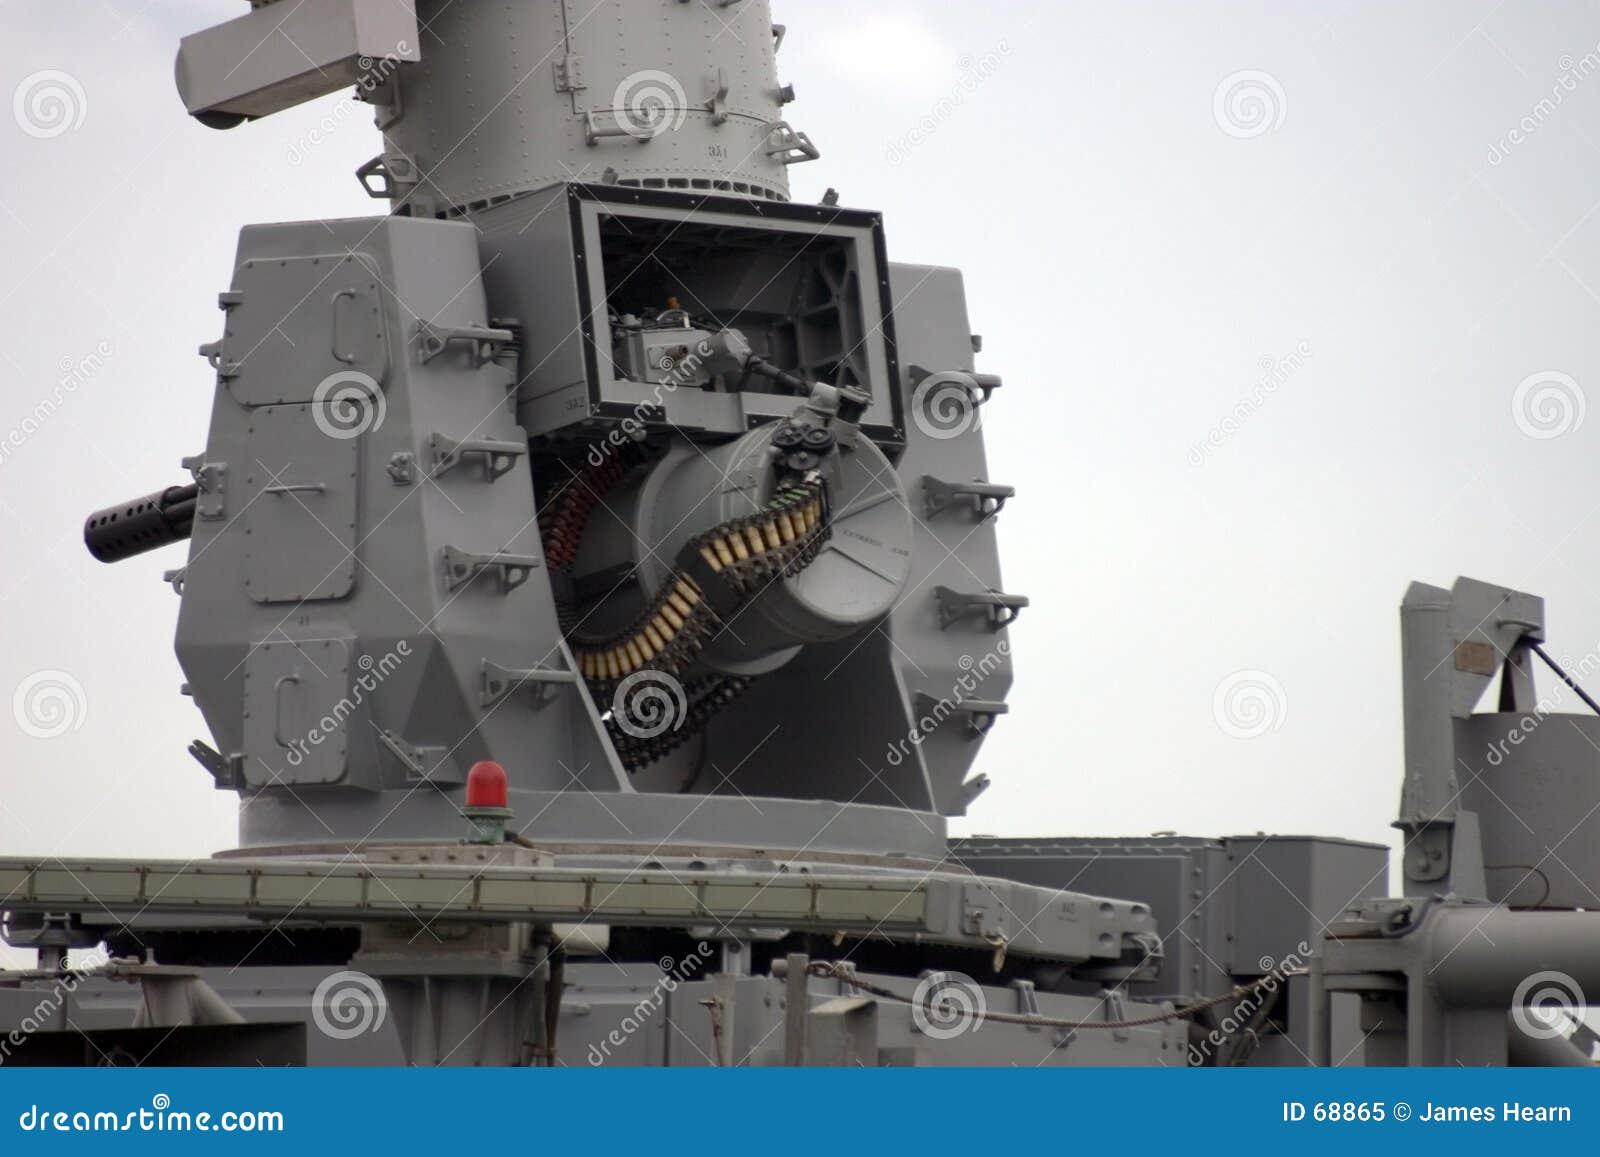 Canhão montado navio.